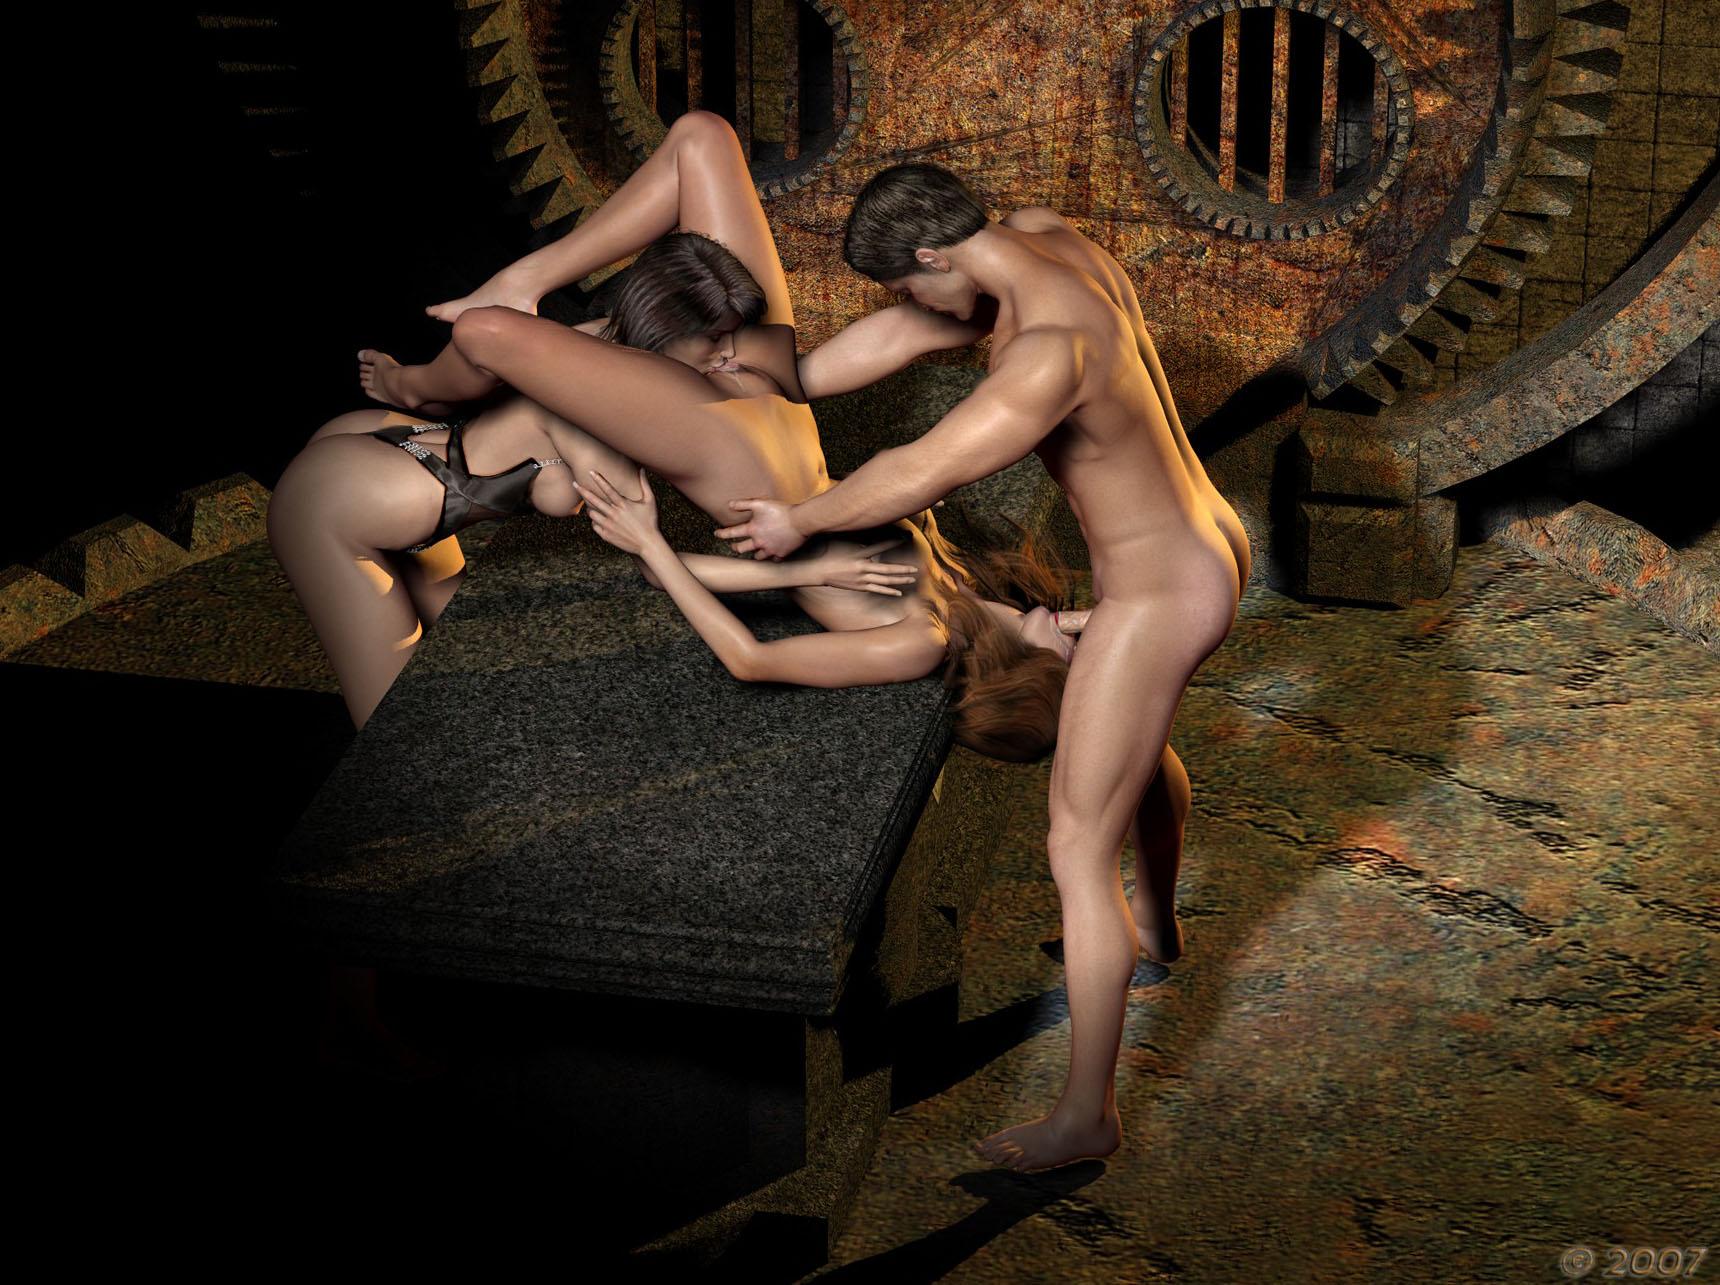 3d fantasy bdsm pics sexy videos